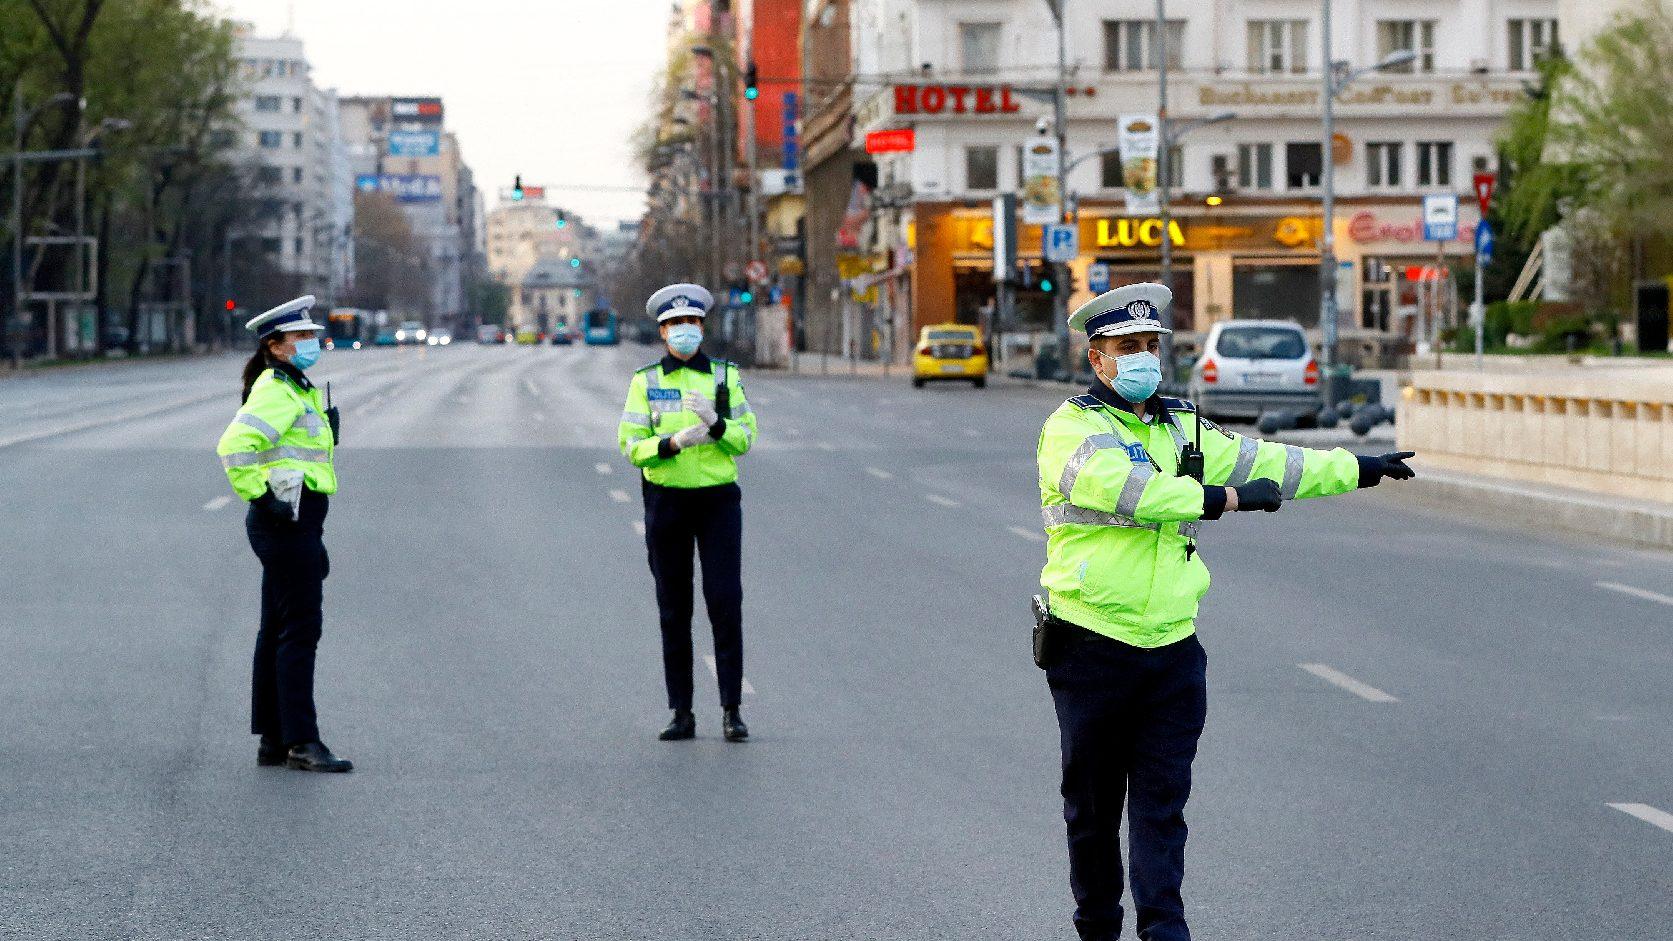 37 осіб затримали, 9 з них за хуліганські дії взяли під варту.